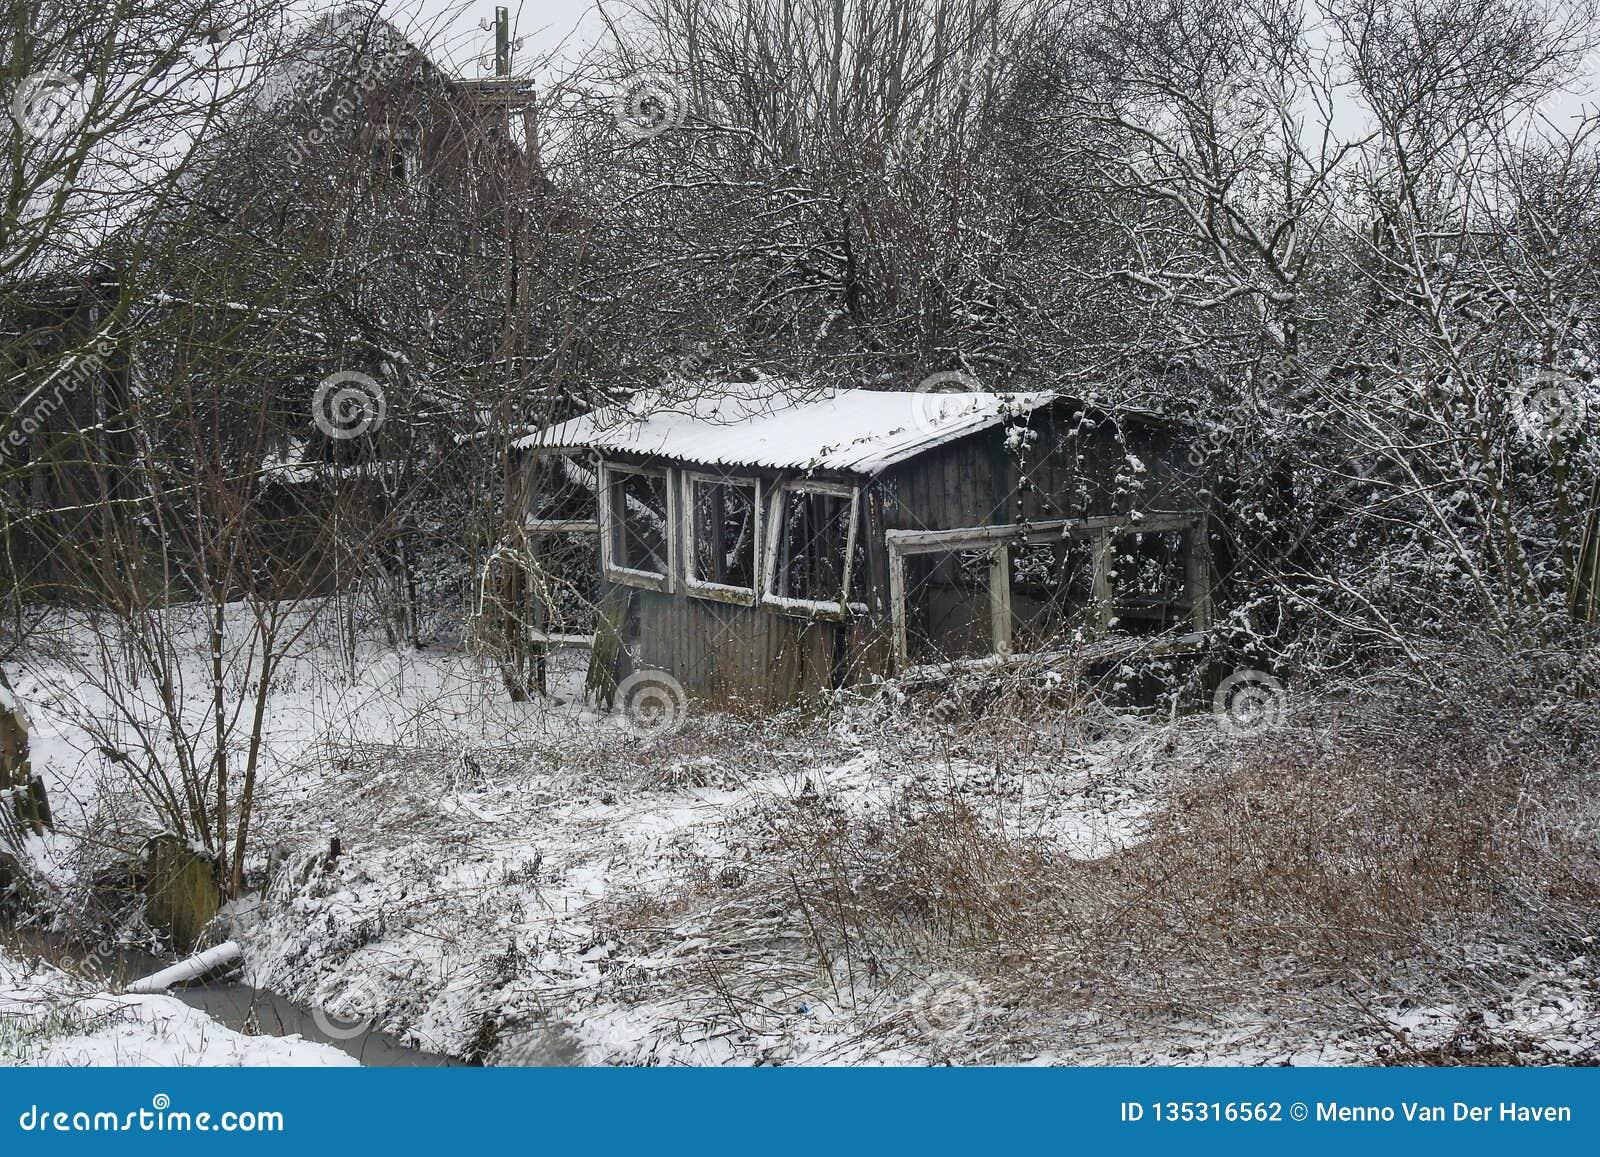 Cabine de deterioração em uma paisagem invernal